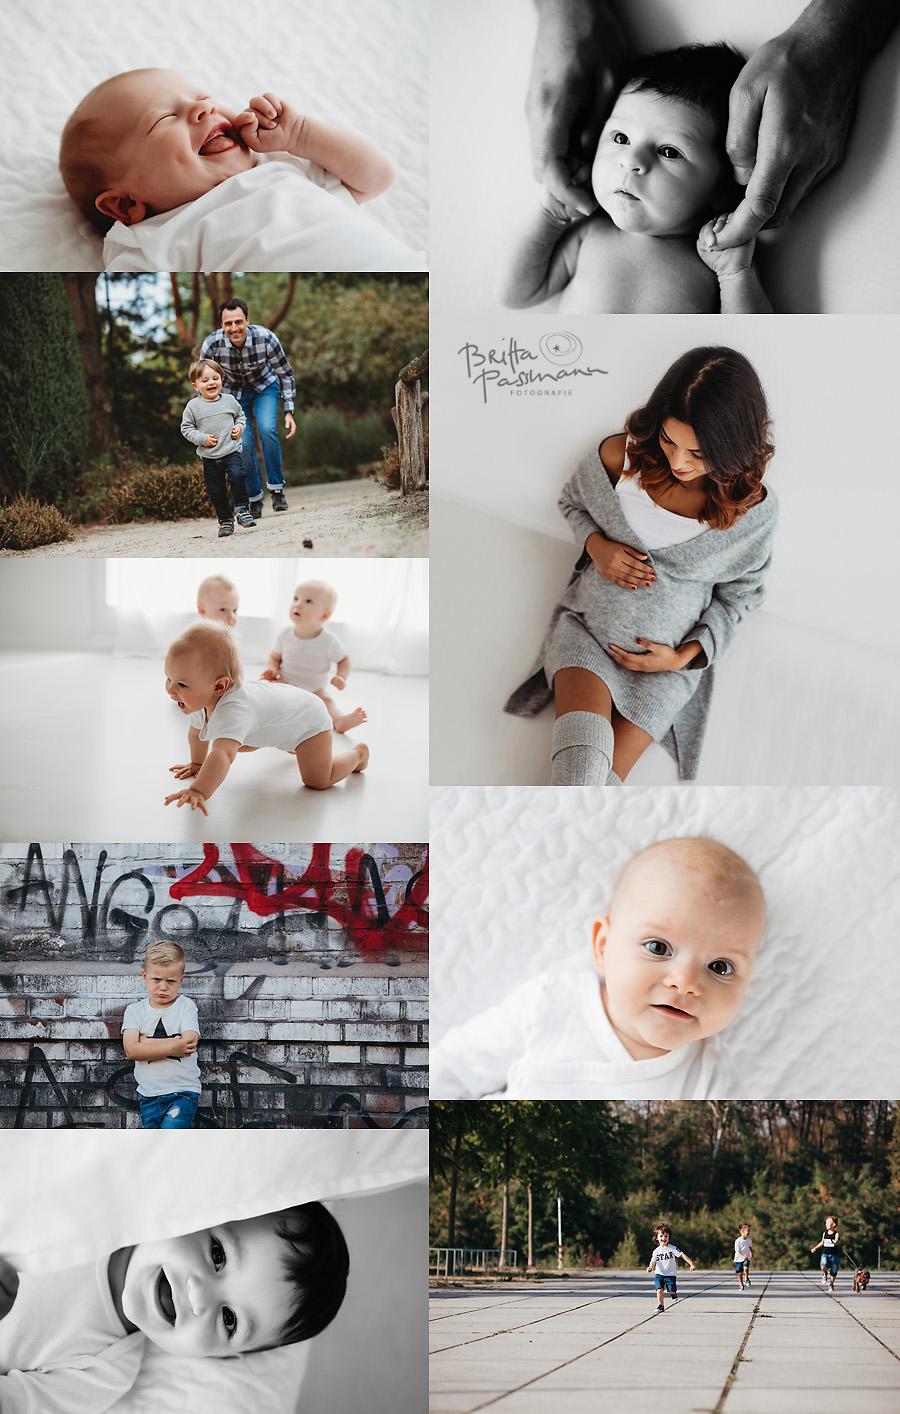 Neugeborenenfotograf-Familienfotos-Babybauchfotos-Kinderfotos-Neugeborenenfotos-Babyfotos-Fotoshooting-Dortmund-Bochum-Fotografin-Britta-Passmann